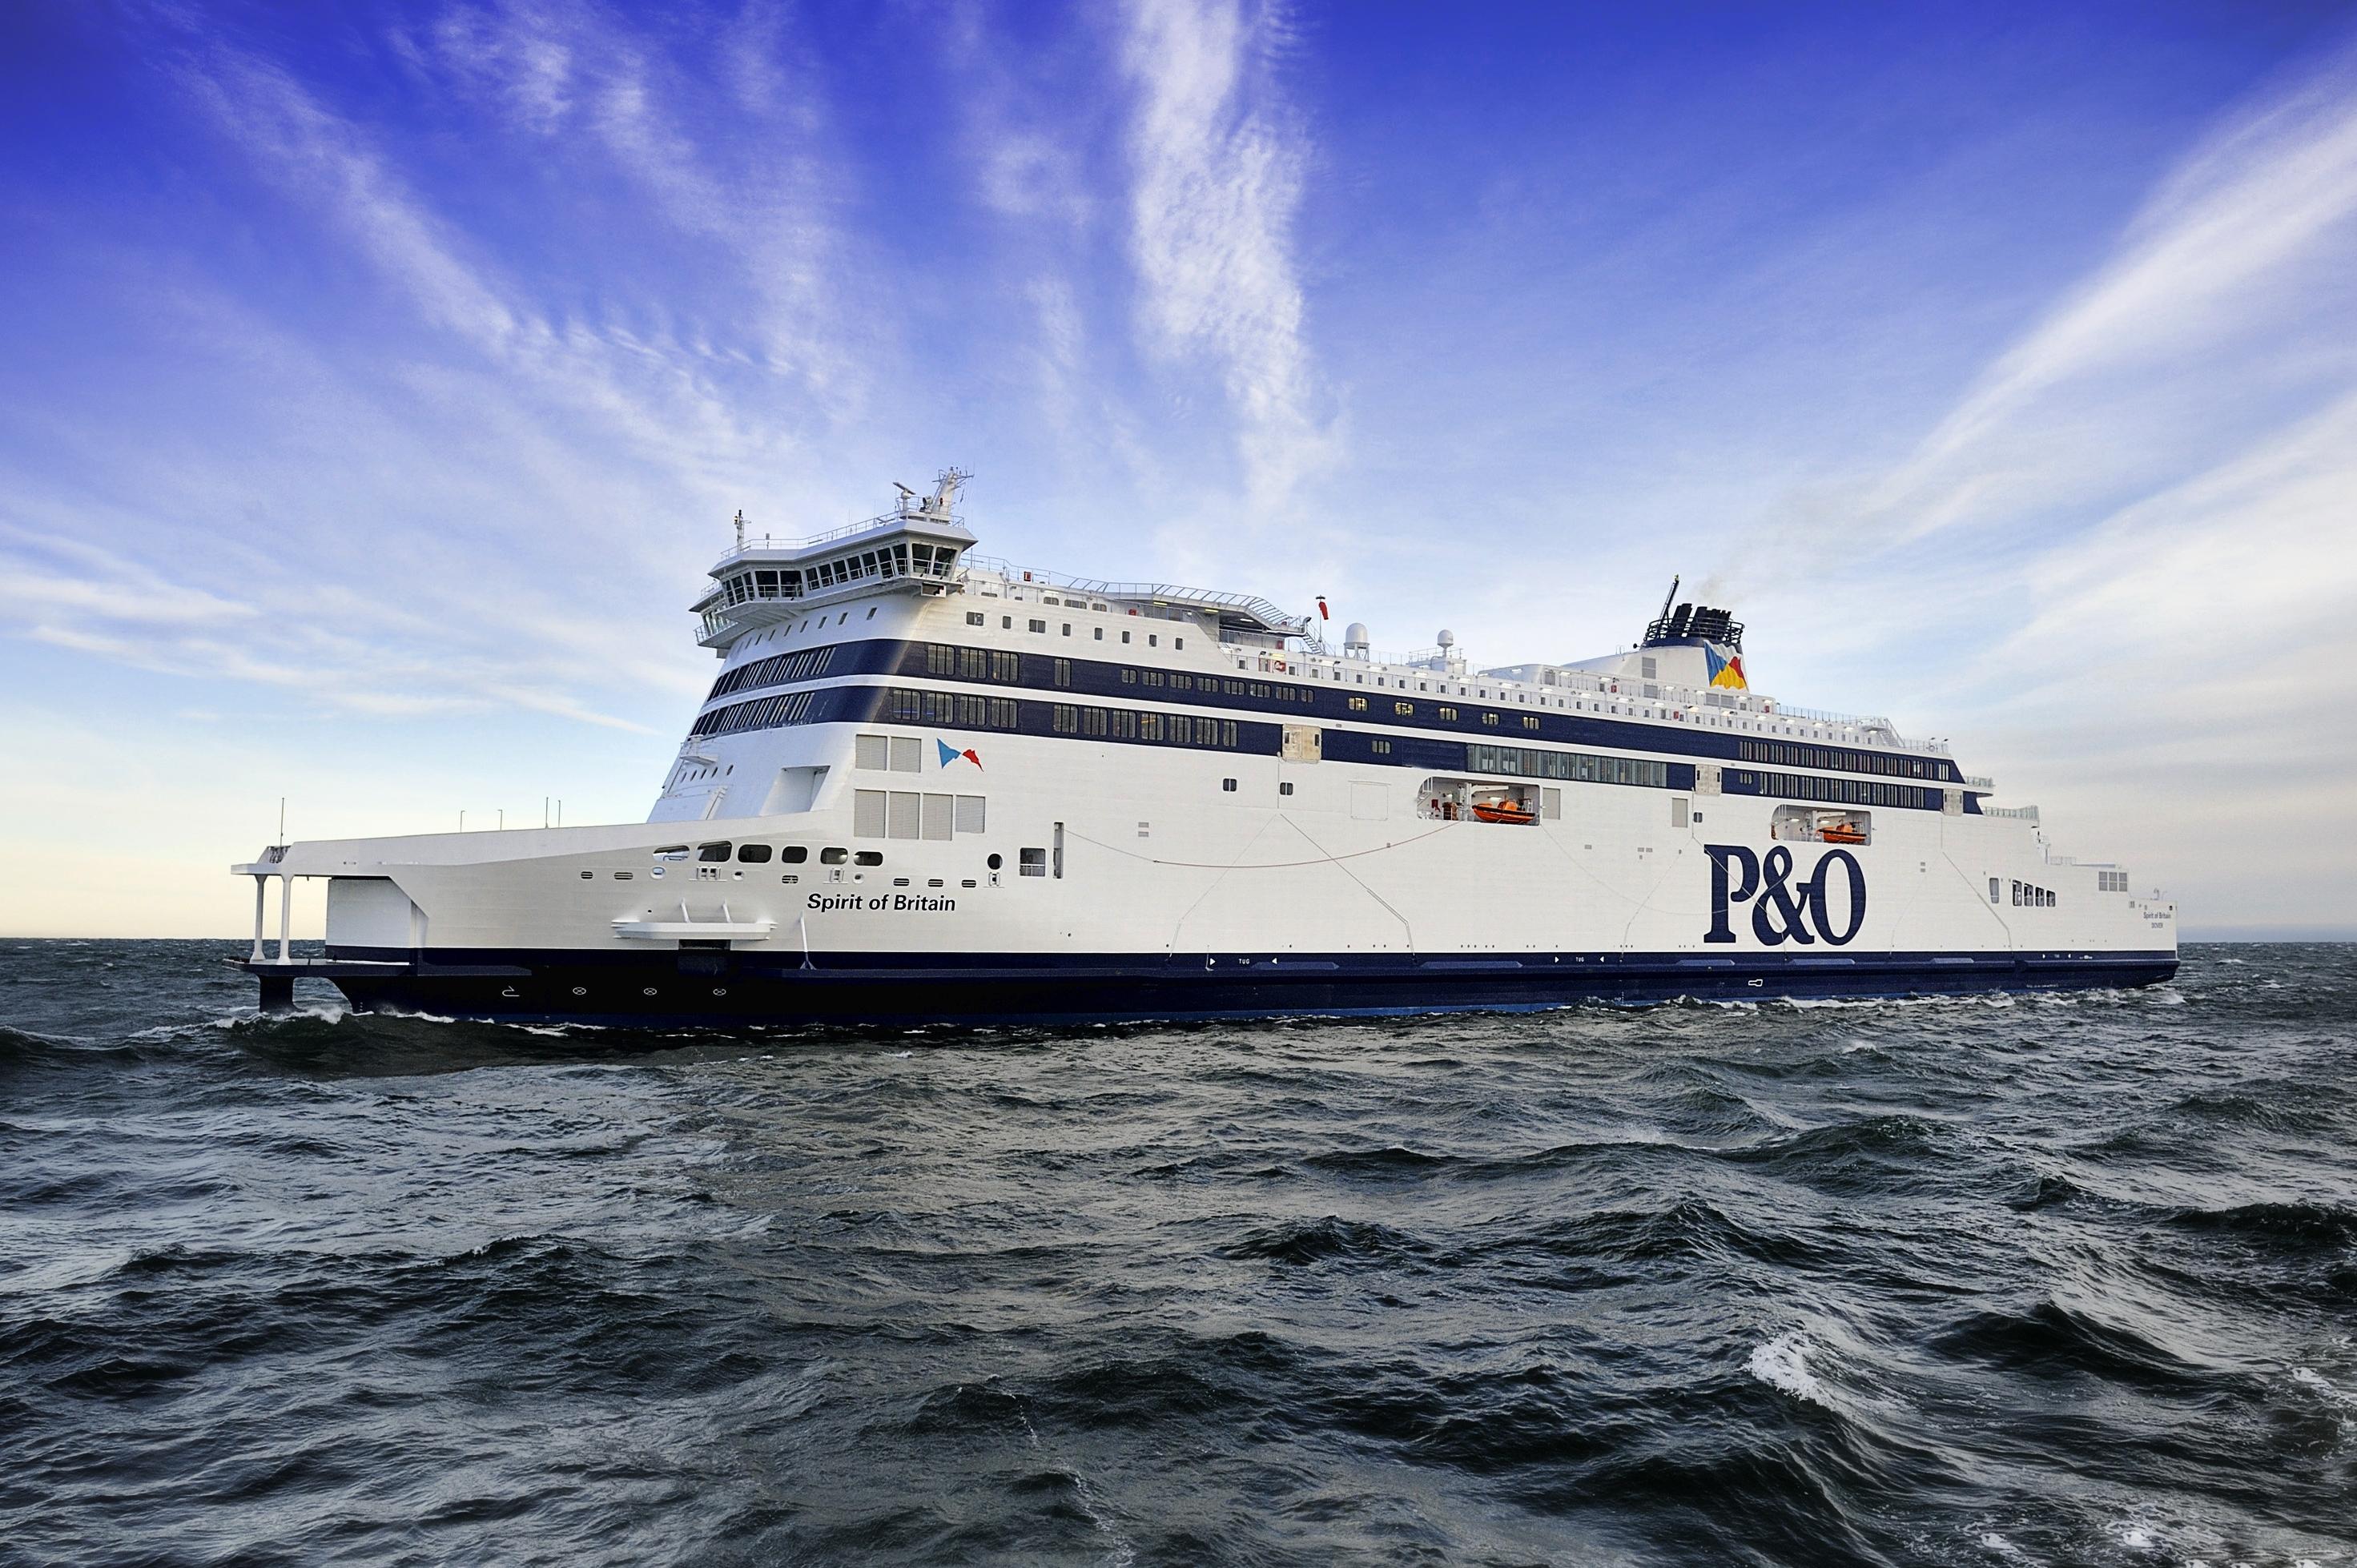 Le Spirit of Britain, navire mixte mis en service en 2011. Il relie Calais à Douvres en 90 minutes, et dispose de standards et d'équipements dignes de navires de croisière - Photo P&O